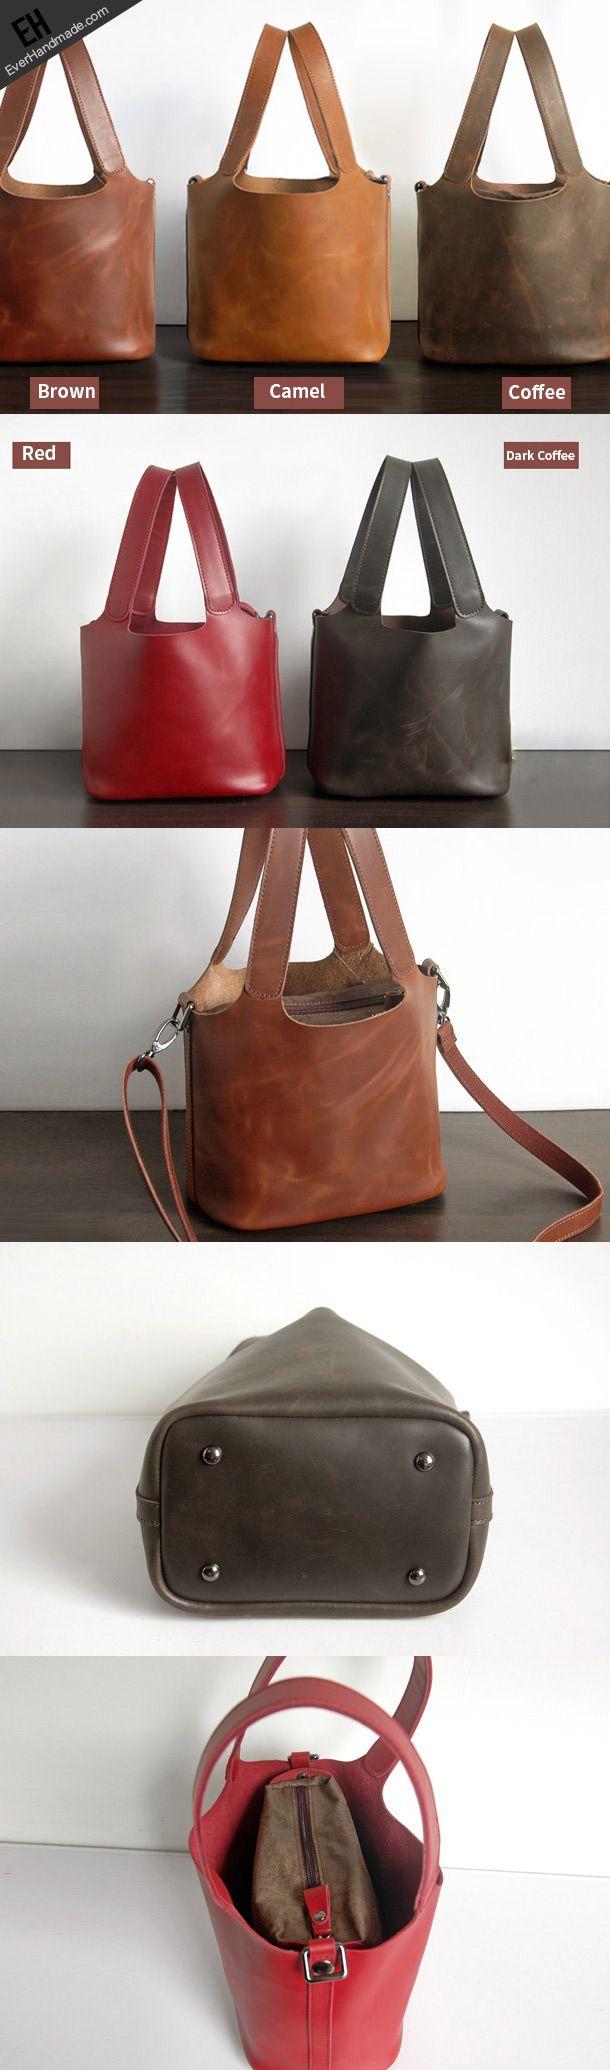 25  best Handbags for women ideas on Pinterest | Michael kors bag ...